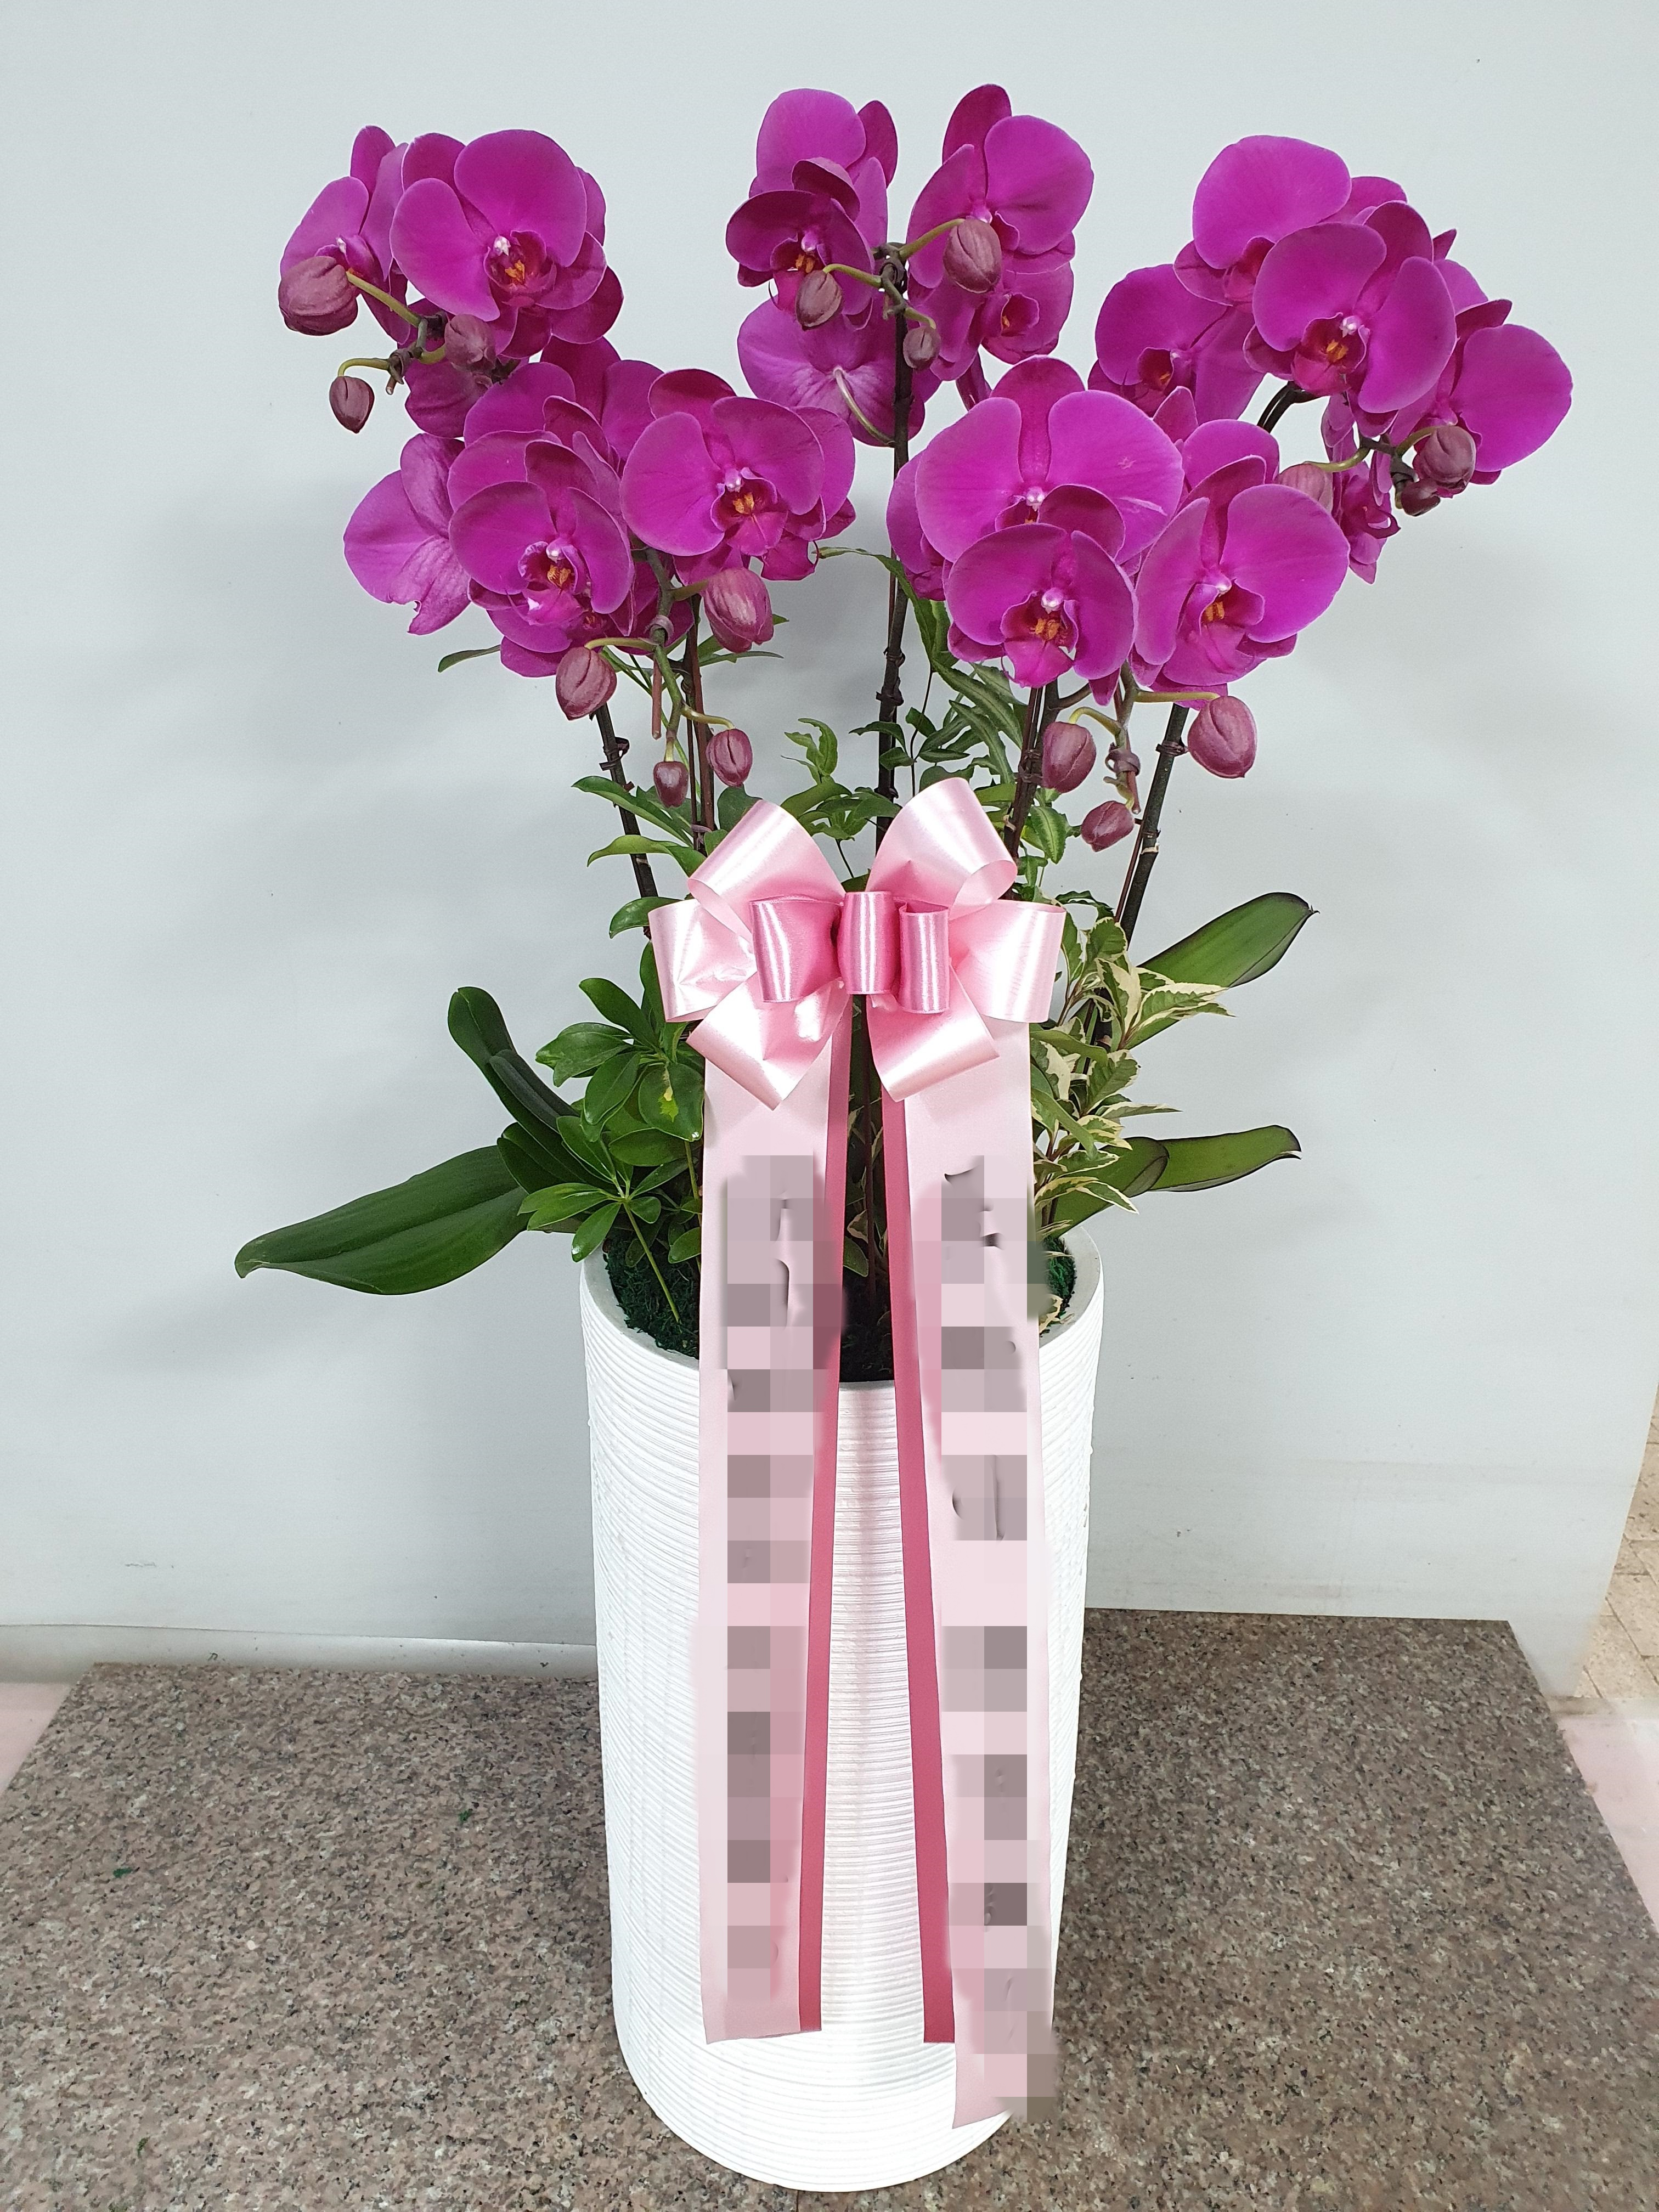 주문자 코ㅇㅇ 서울 영등포구로  배송된 상품입니다